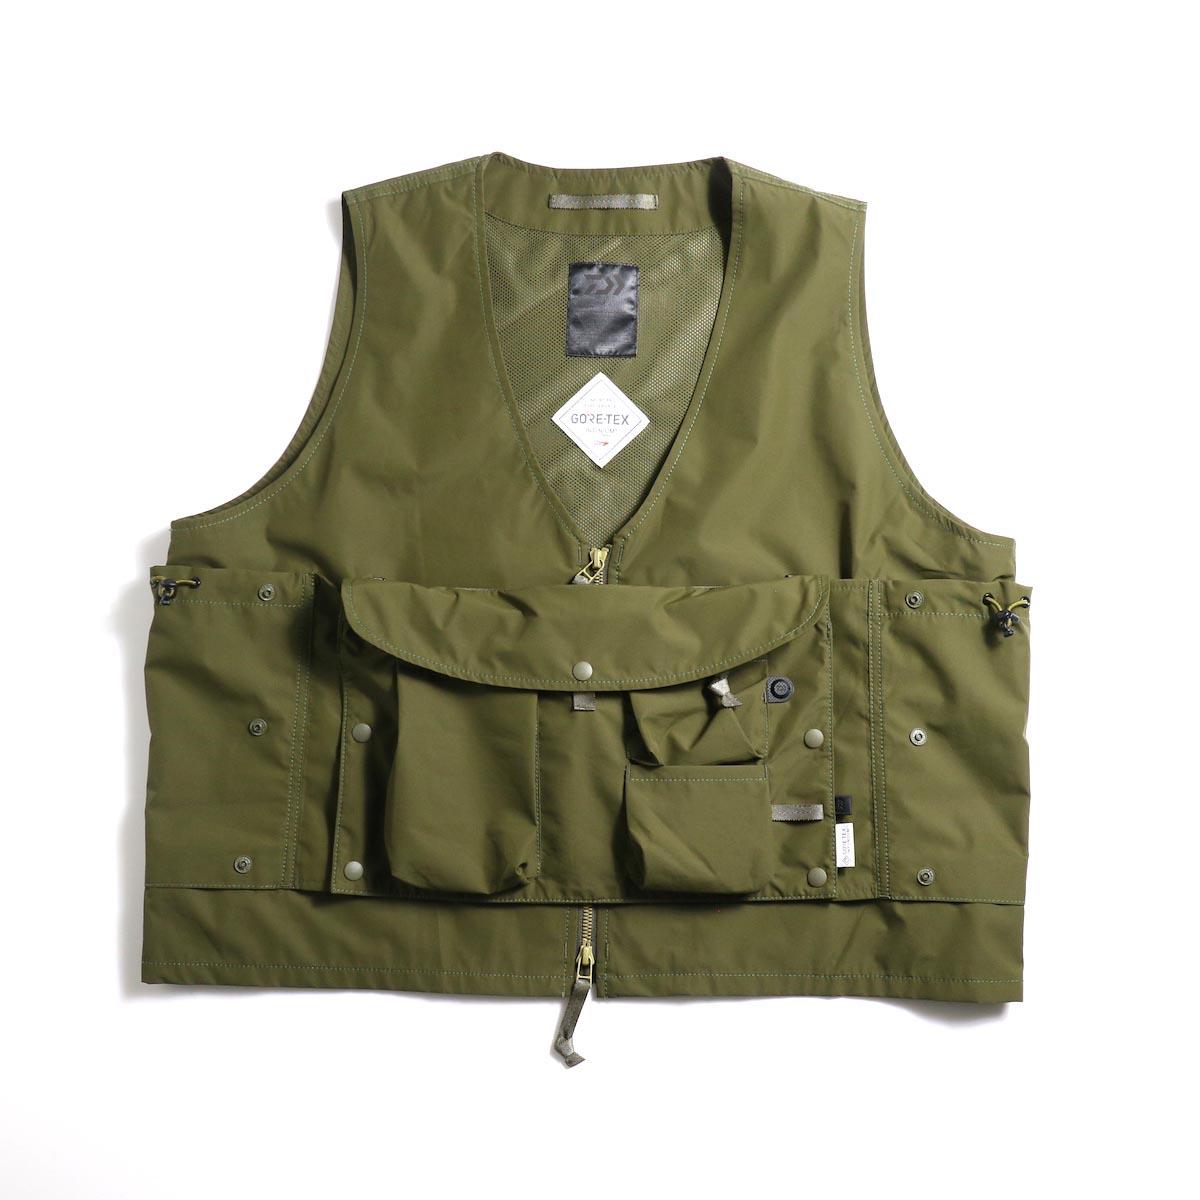 DAIWA PIER39 / GORE-TEX INFINIUM 3way Radio Vest (Dark Olive)